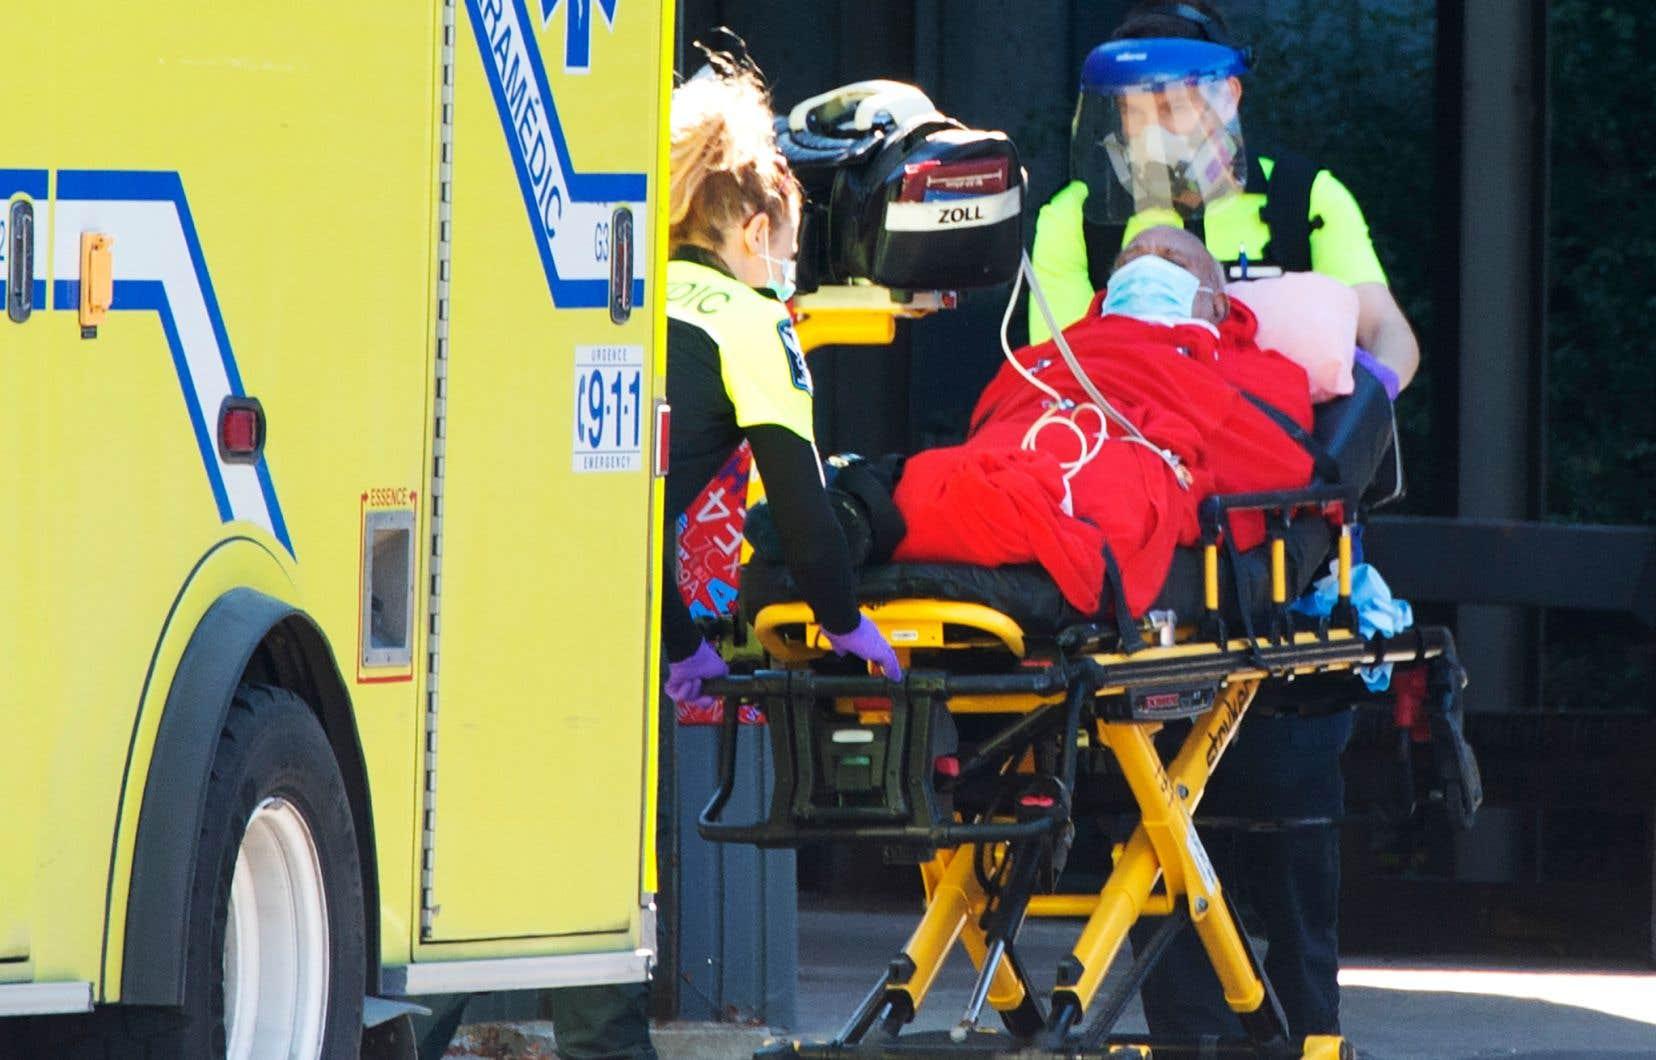 Les projections de l'INESSS suggèrent une tendance à la hausse du nombre d'hospitalisations dans le Grand Montréal, mais «moins importante» que celle appréhendée la semaine dernière.